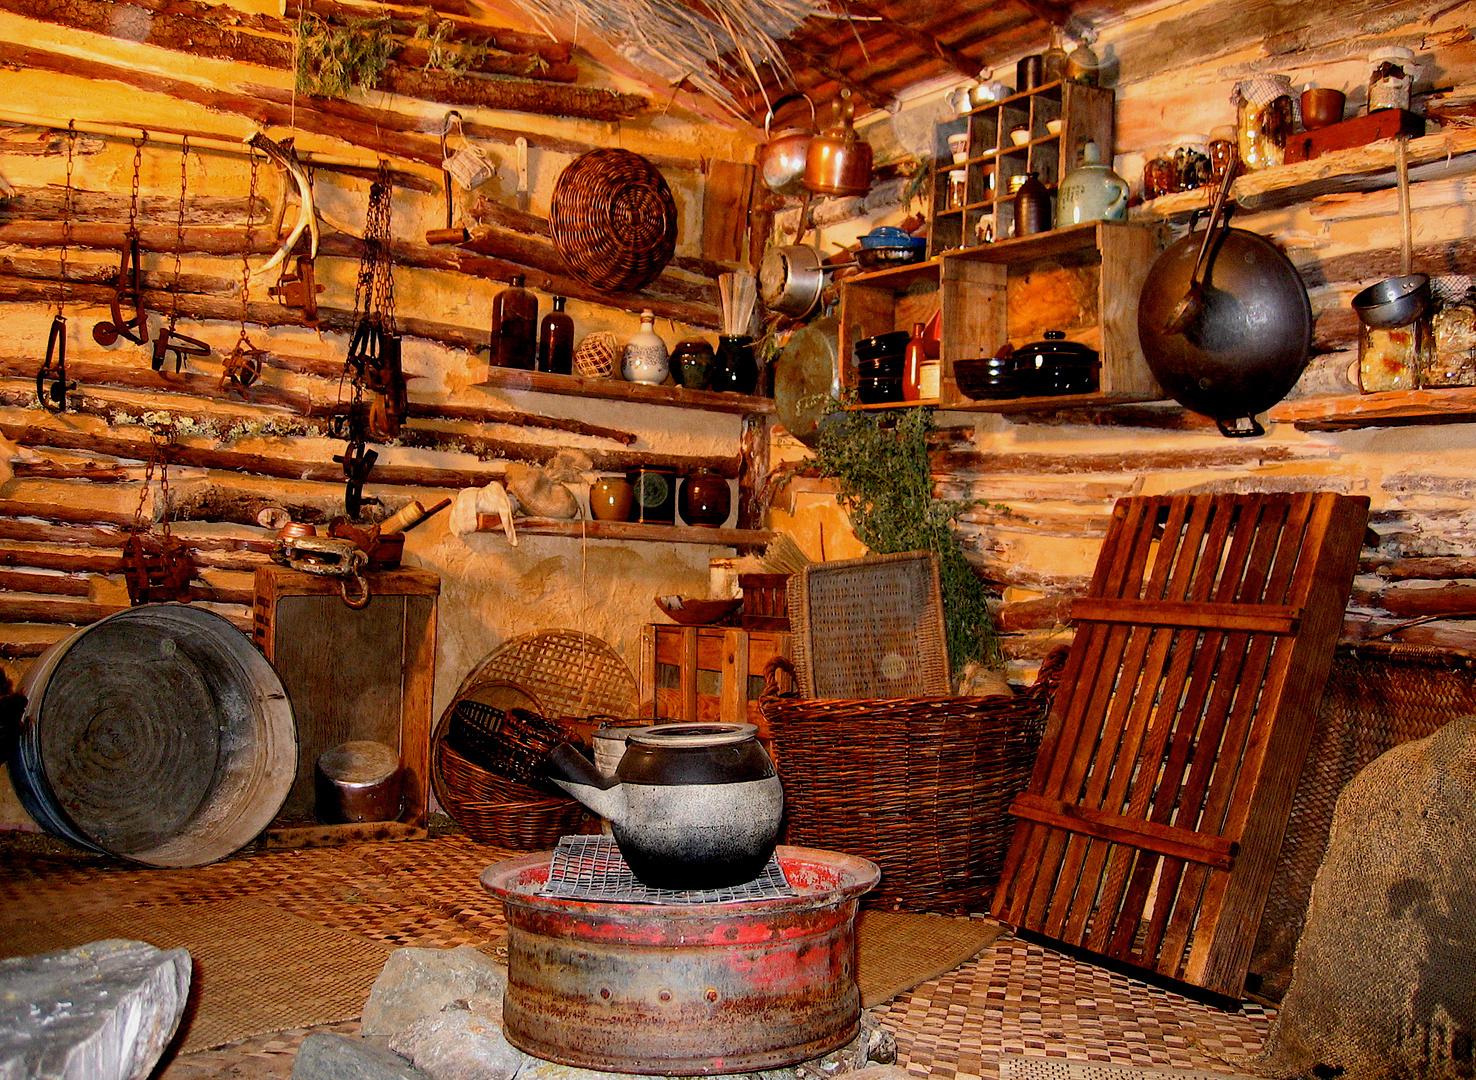 Hermit's Hut